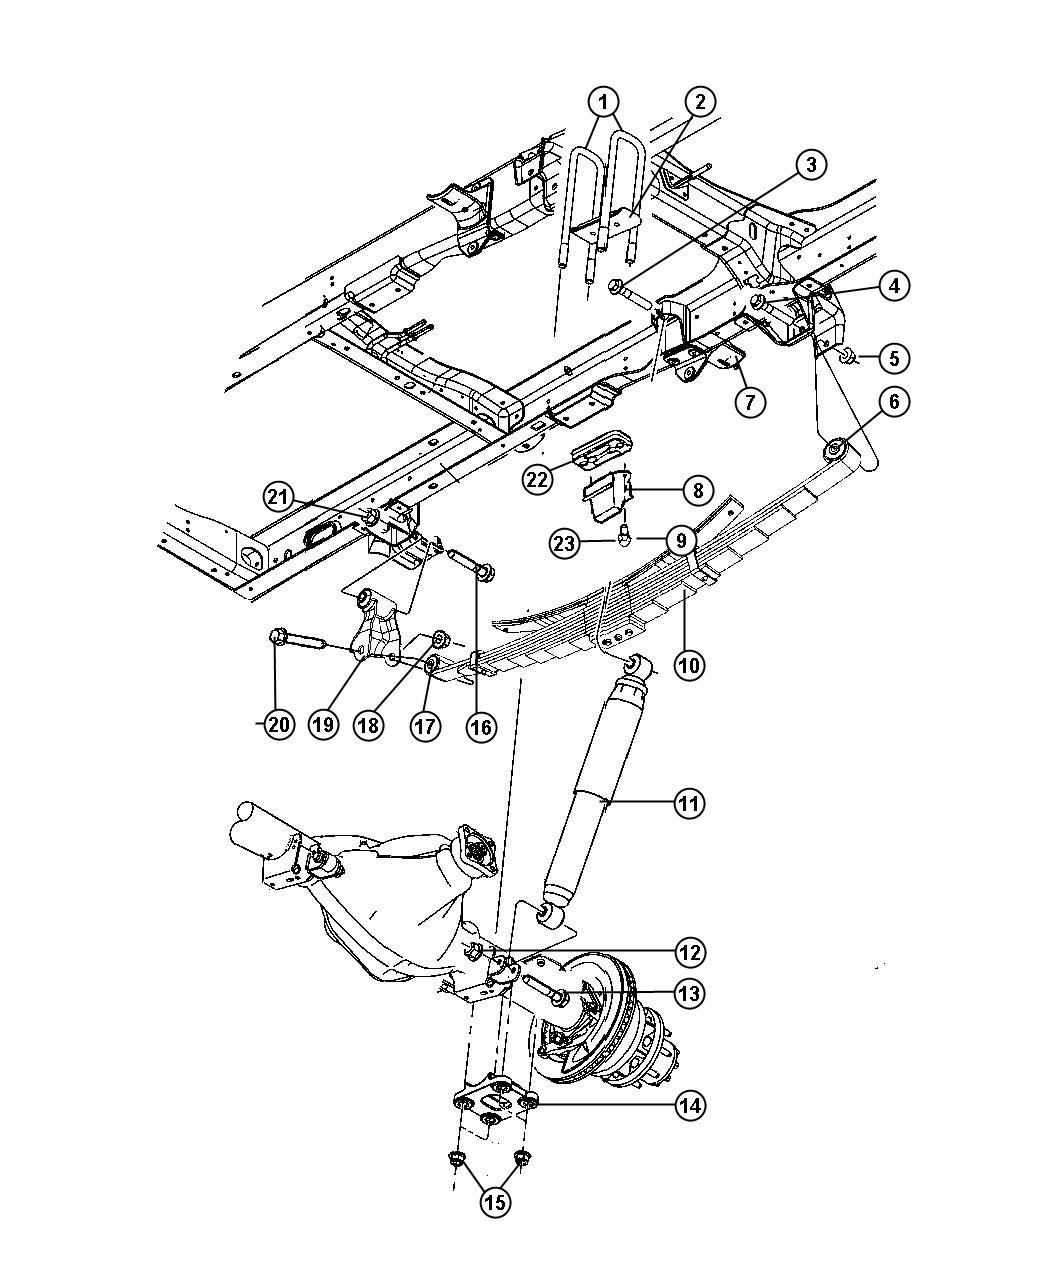 Ram U Bolt Mounting Axle To Leaf Spring Rear Wheels Suspension